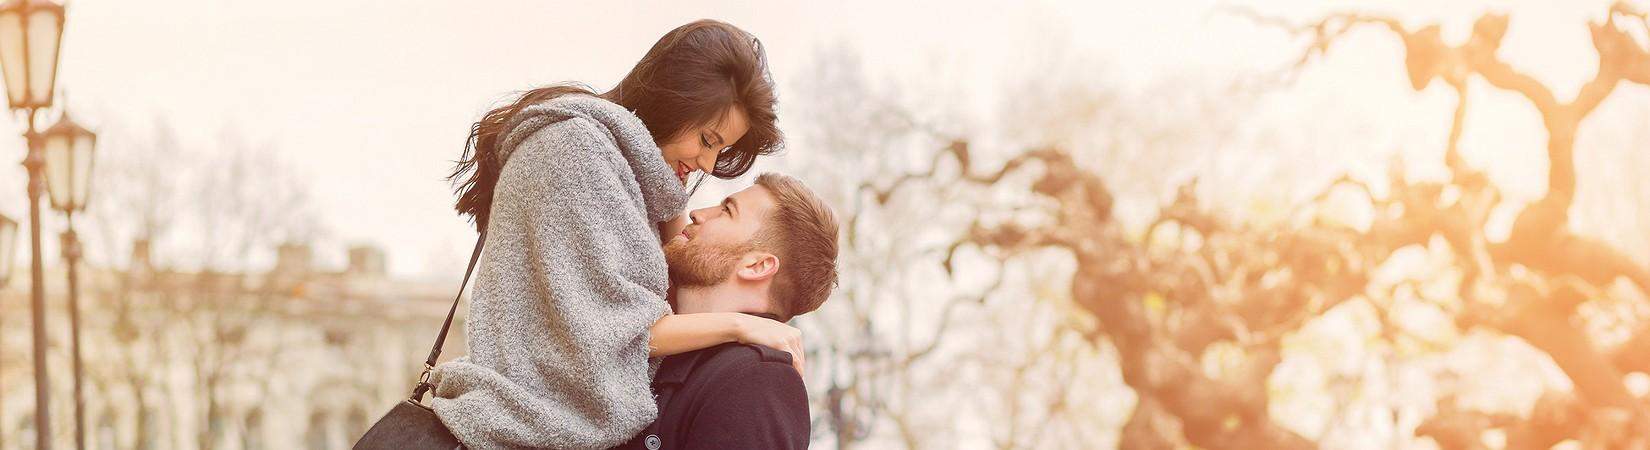 5 qualidades de pessoas incrivelmente atraentes